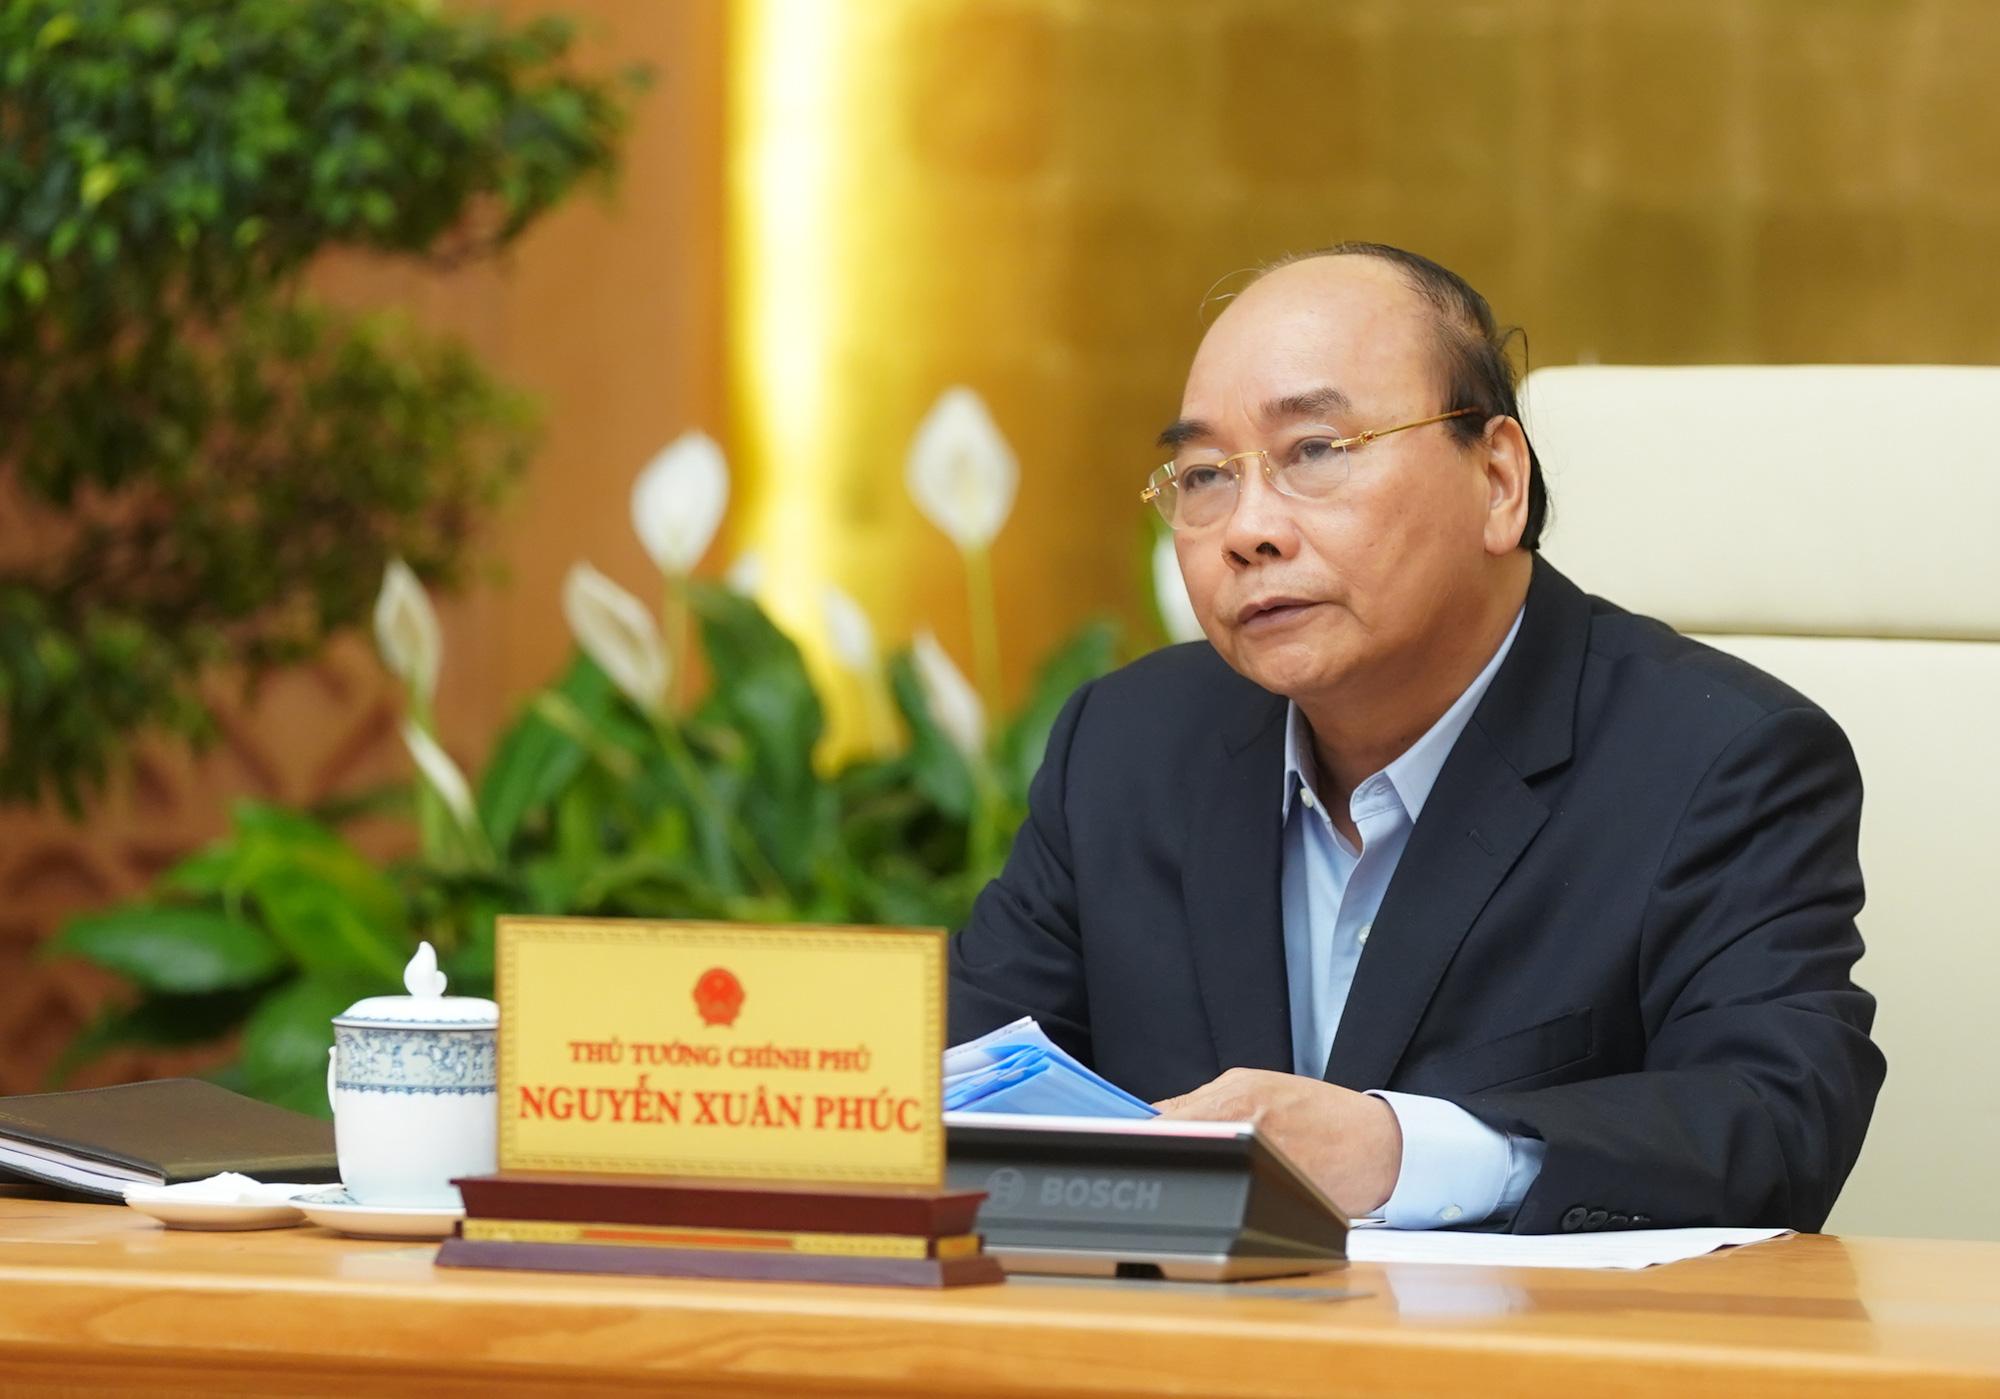 Thủ tướng: Rà soát tất cả trường hợp đã nhập cảnh Việt Nam từ 8/3, hạn chế hạ cánh tại sân bay Nội Bài, Tân Sơn Nhất - Ảnh 1.